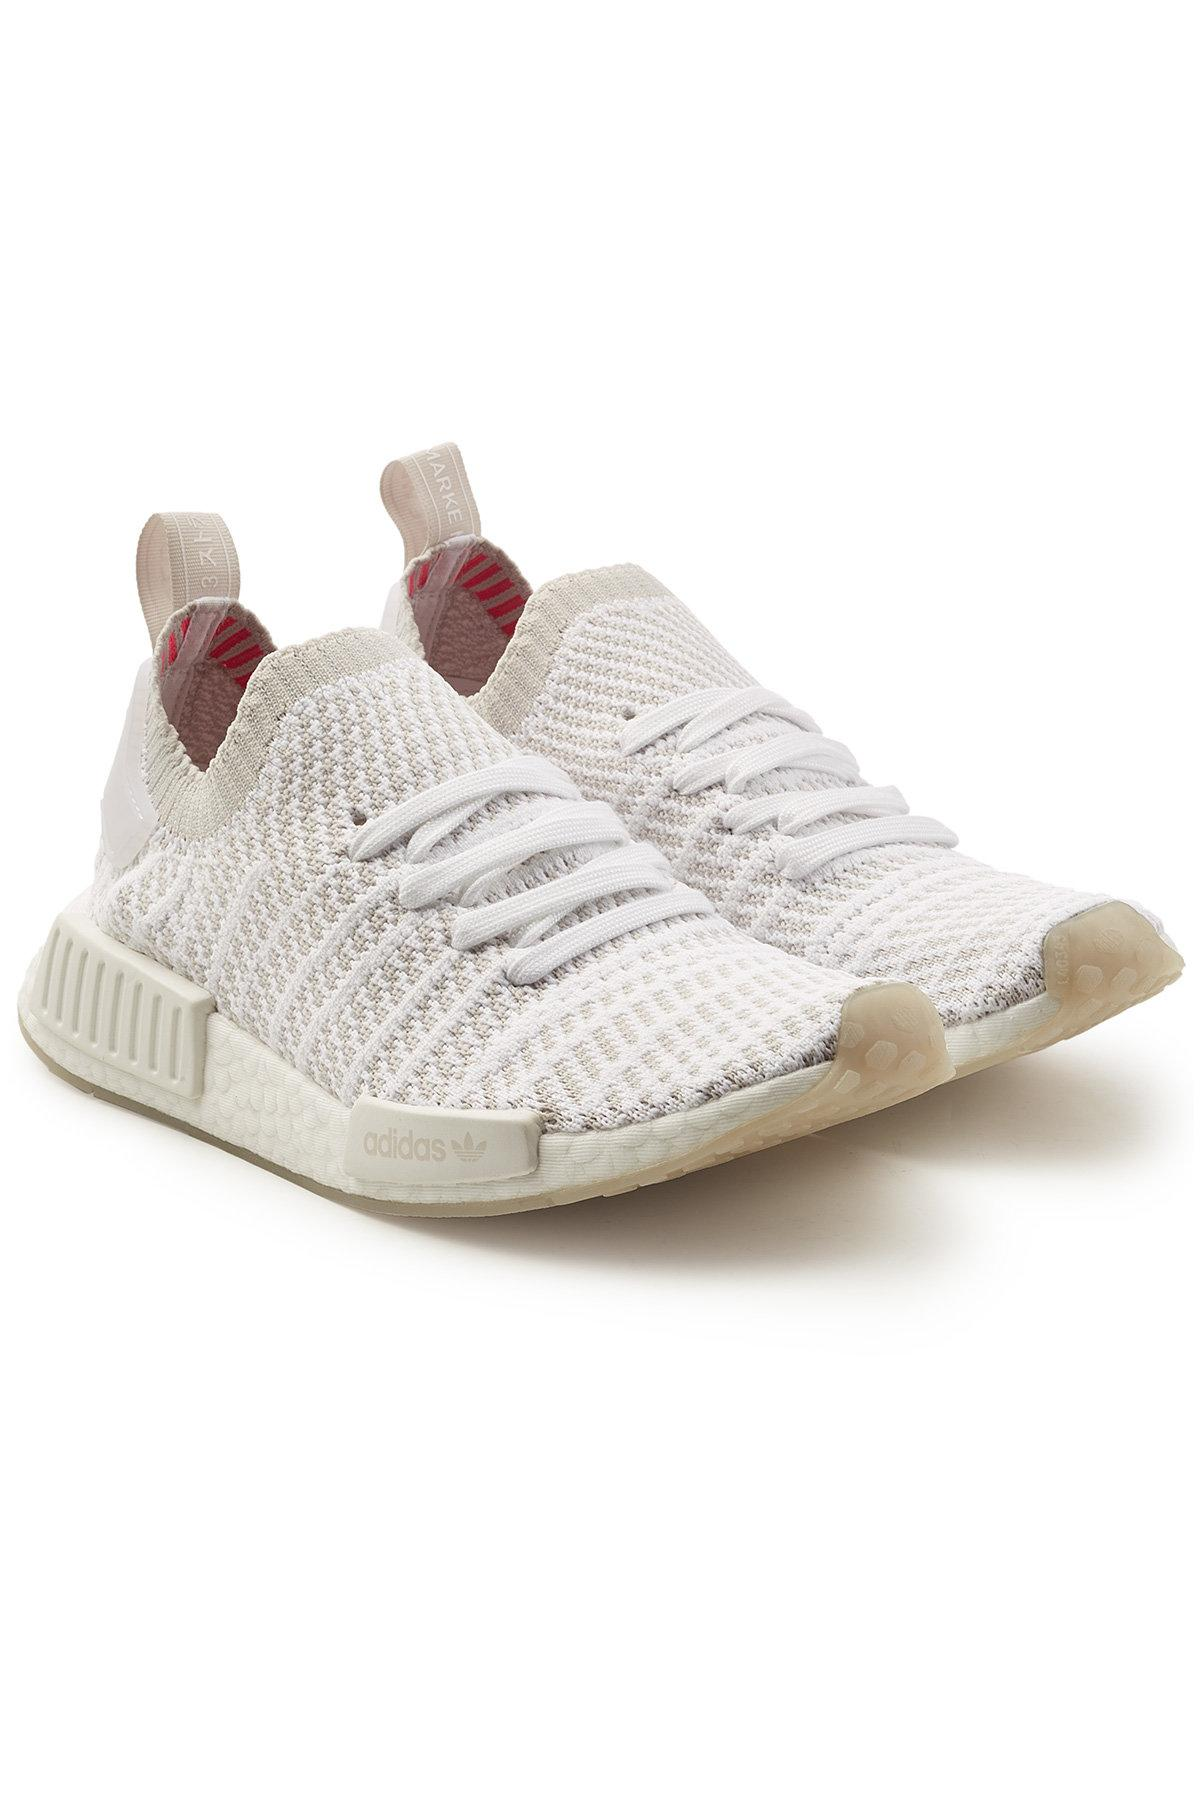 get cheap 86d0b d6484 adidas Originals. Women s White Nmd R1 Stlt Primeknit Sneakers